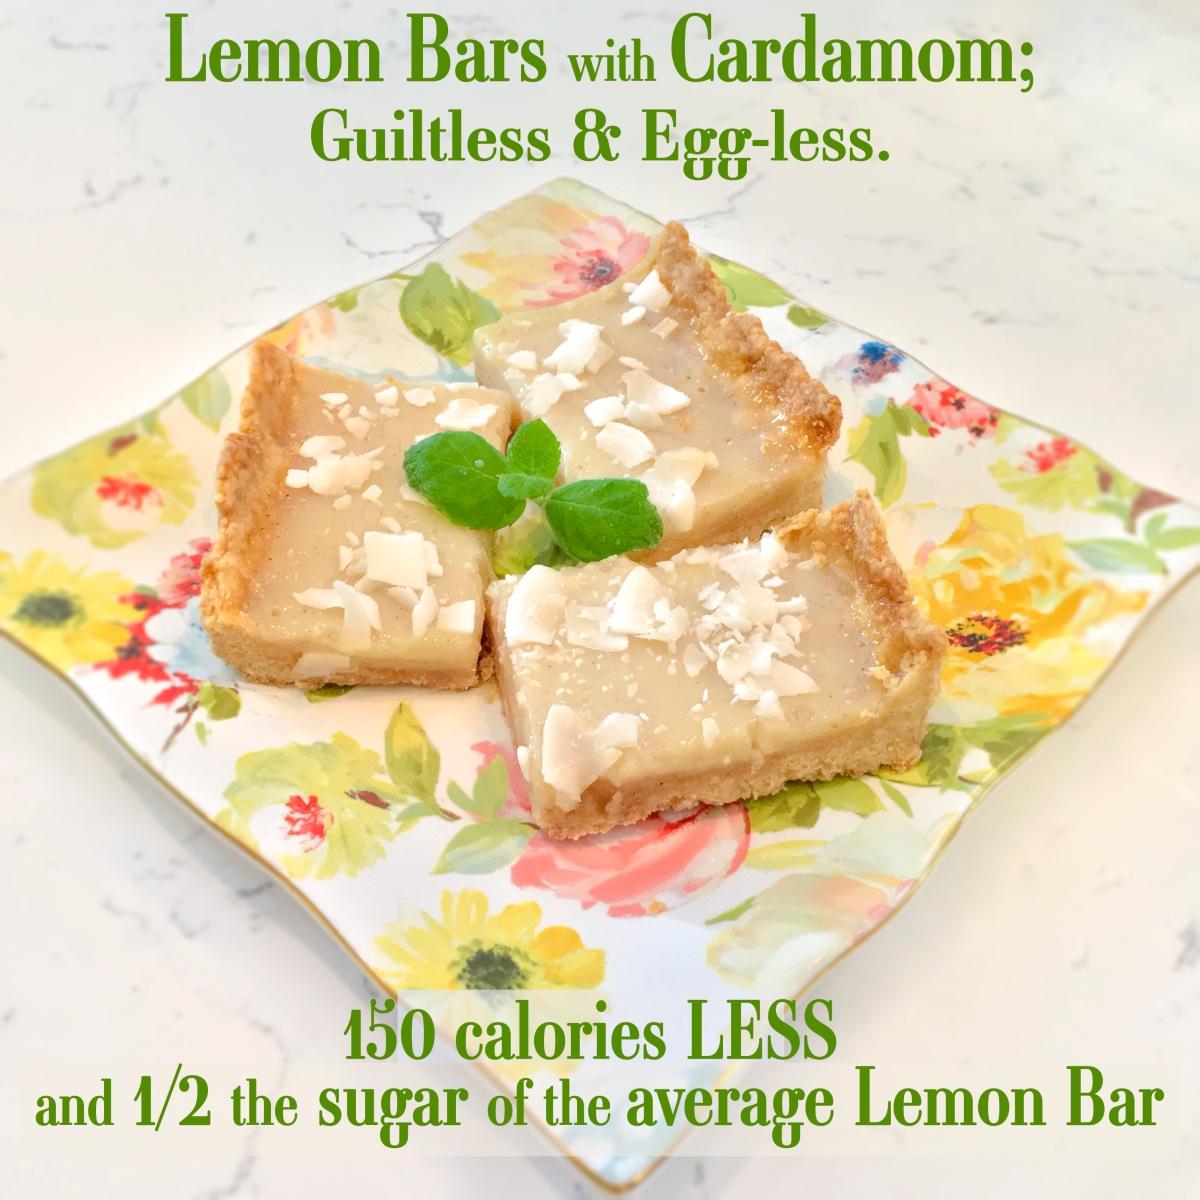 Lemon Bars With Cardamom; Guiltless & Egg-less. 150